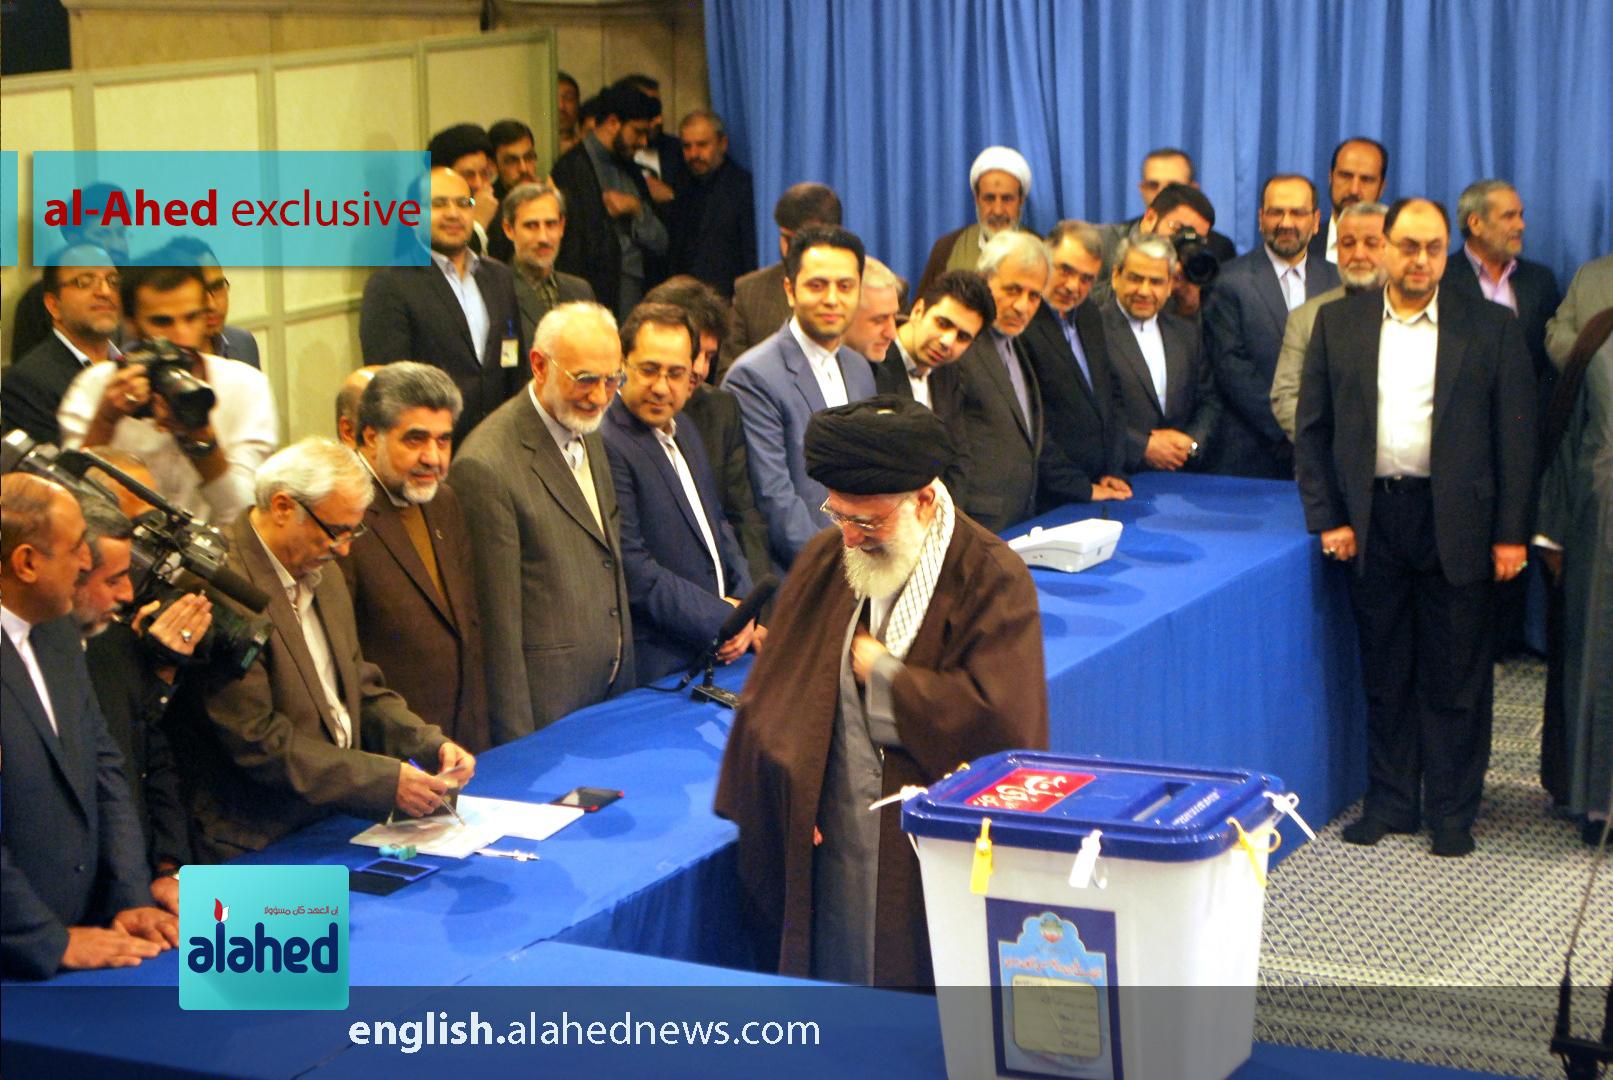 In Photos: Imam Khamenei Casts His Vote